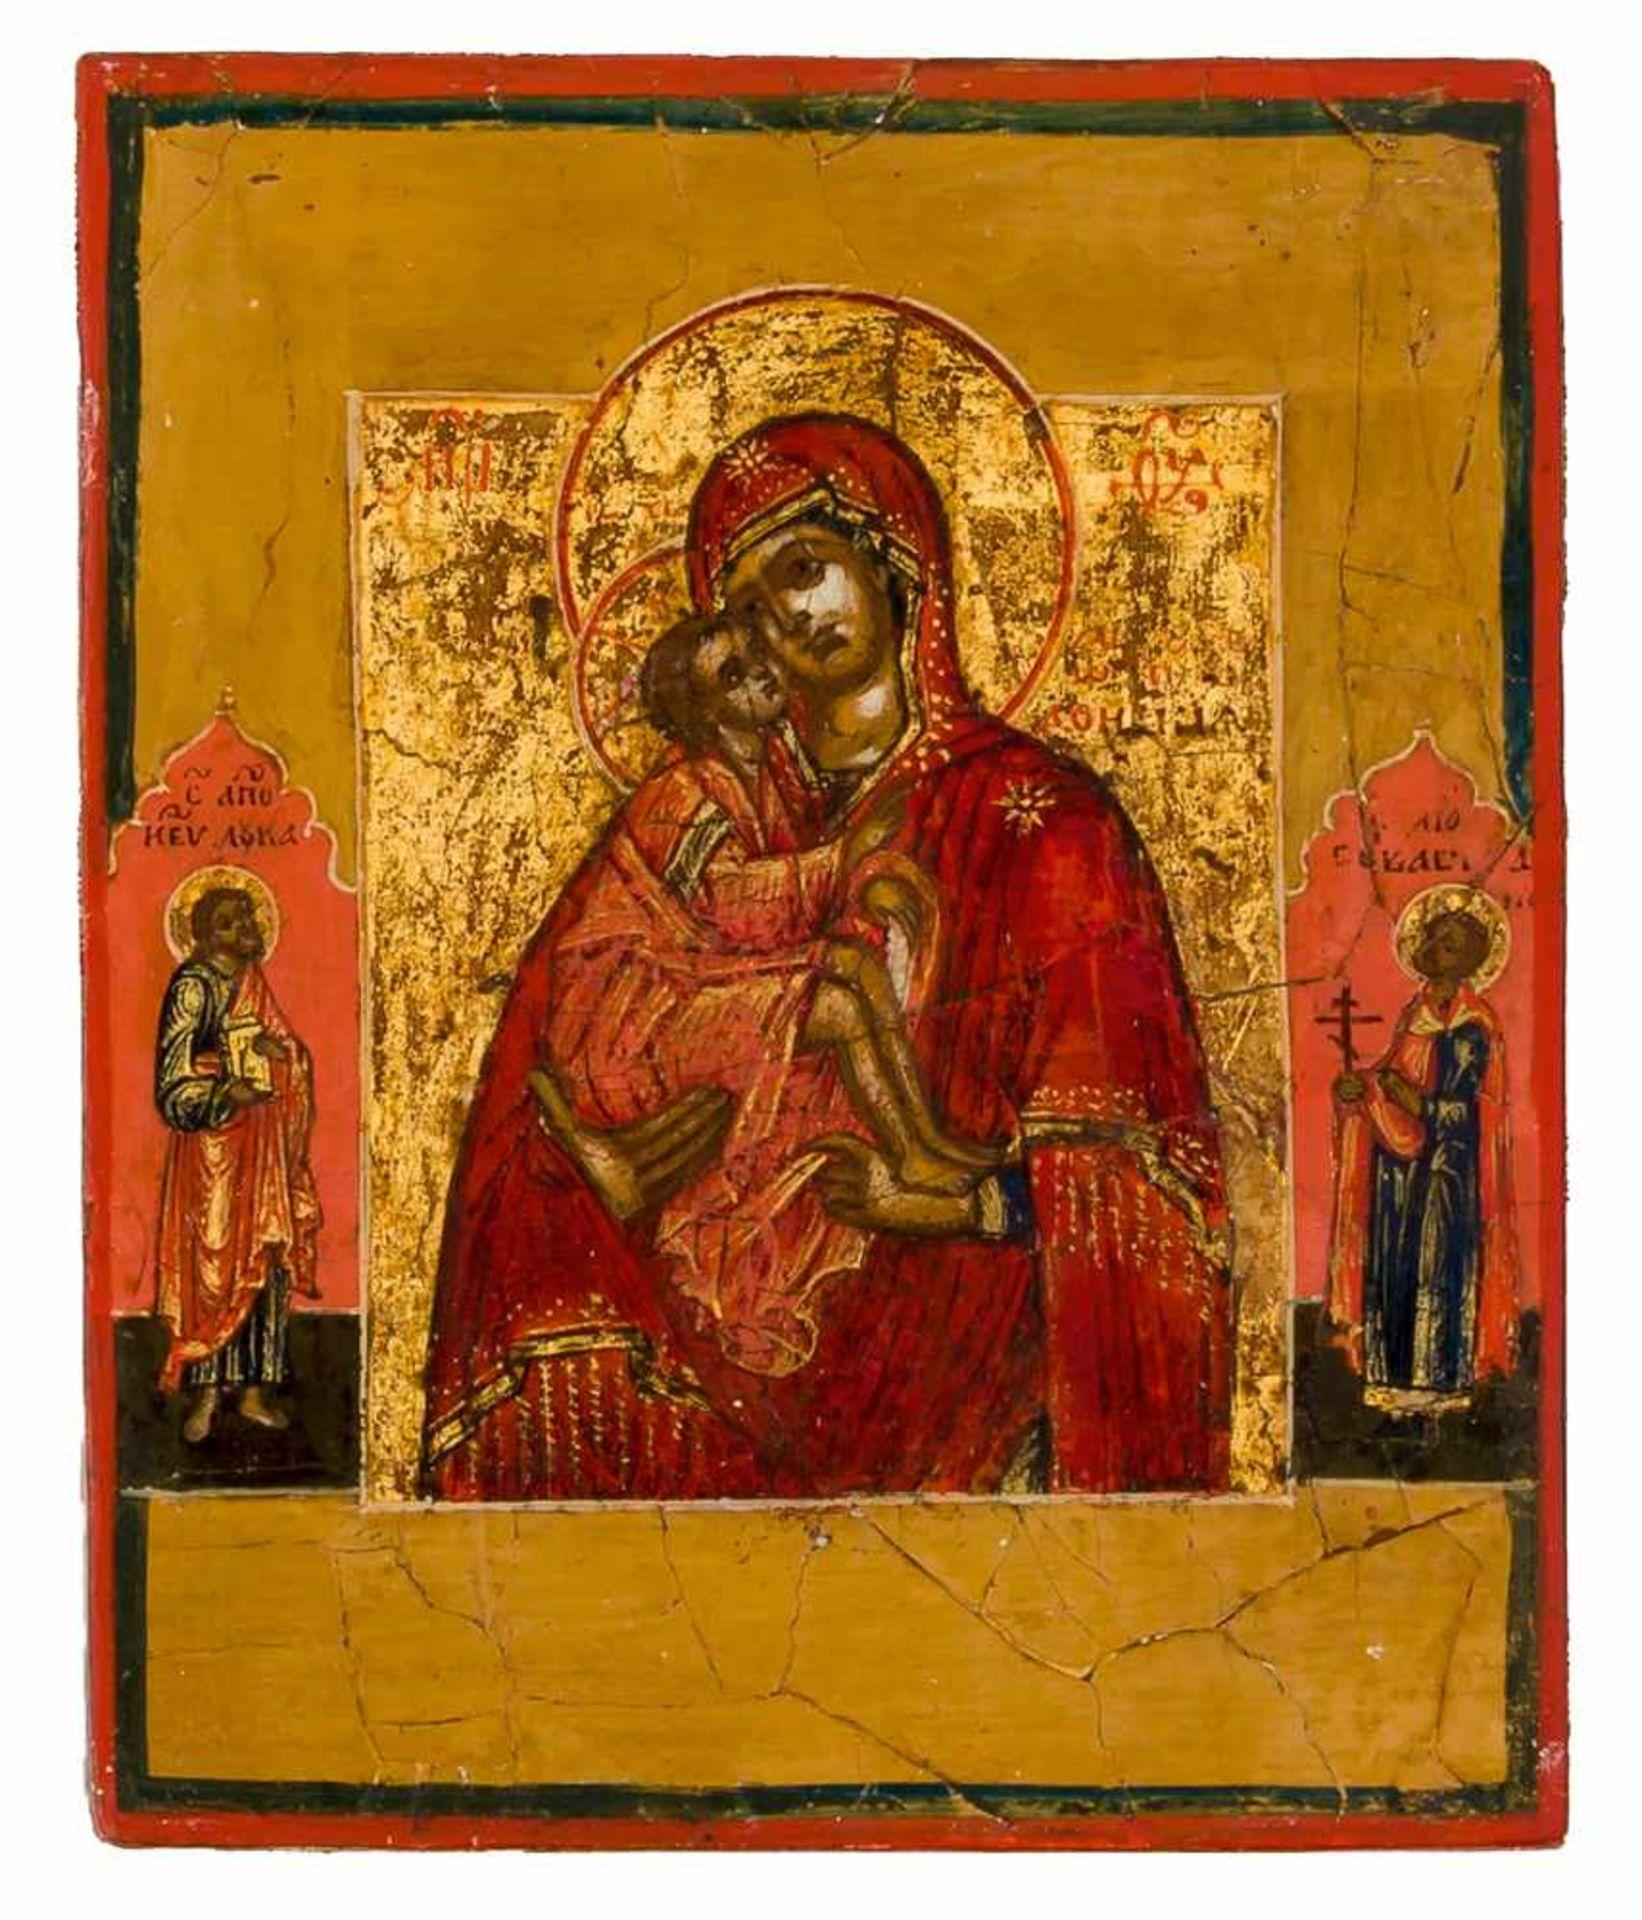 *Gottesmutter Donskaja Russische Ikone mit Silberoklad, 18. Jh 10 x 8,3 cm Am Rande sind der hl. - Bild 2 aus 2